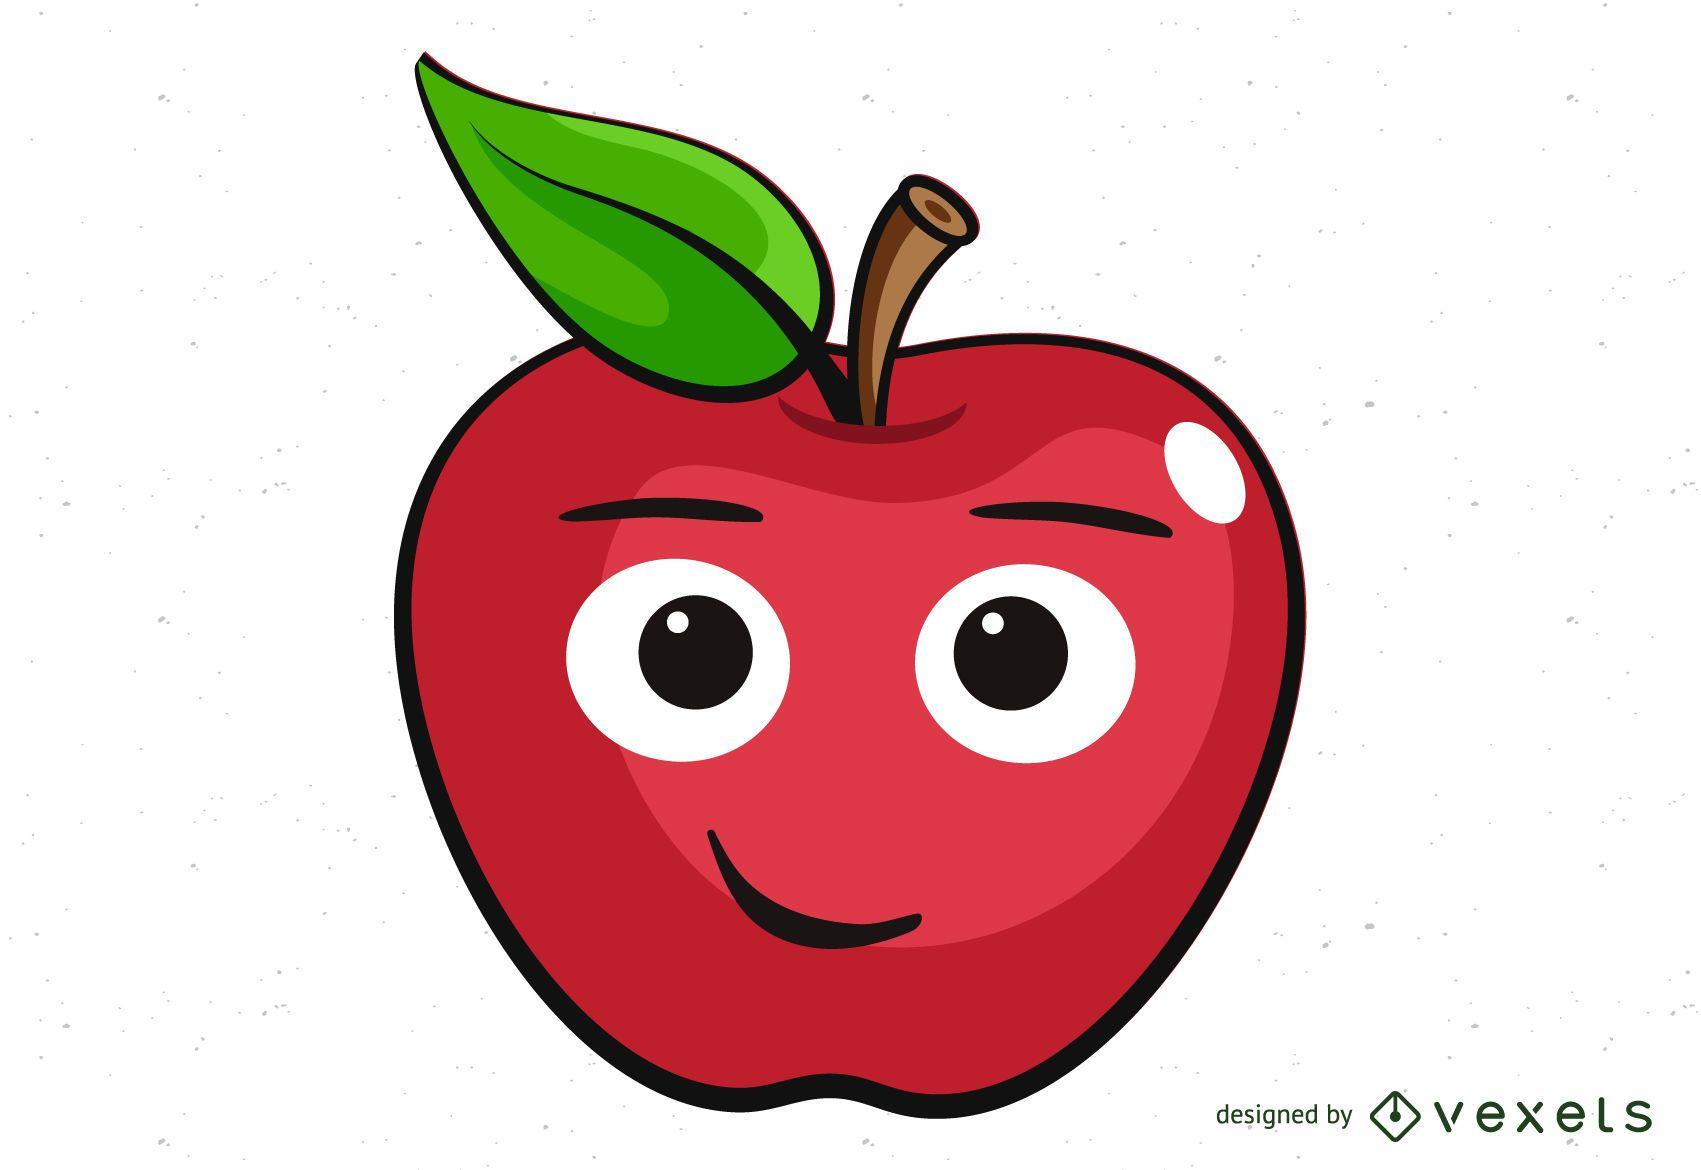 cute apple cartoon illustration